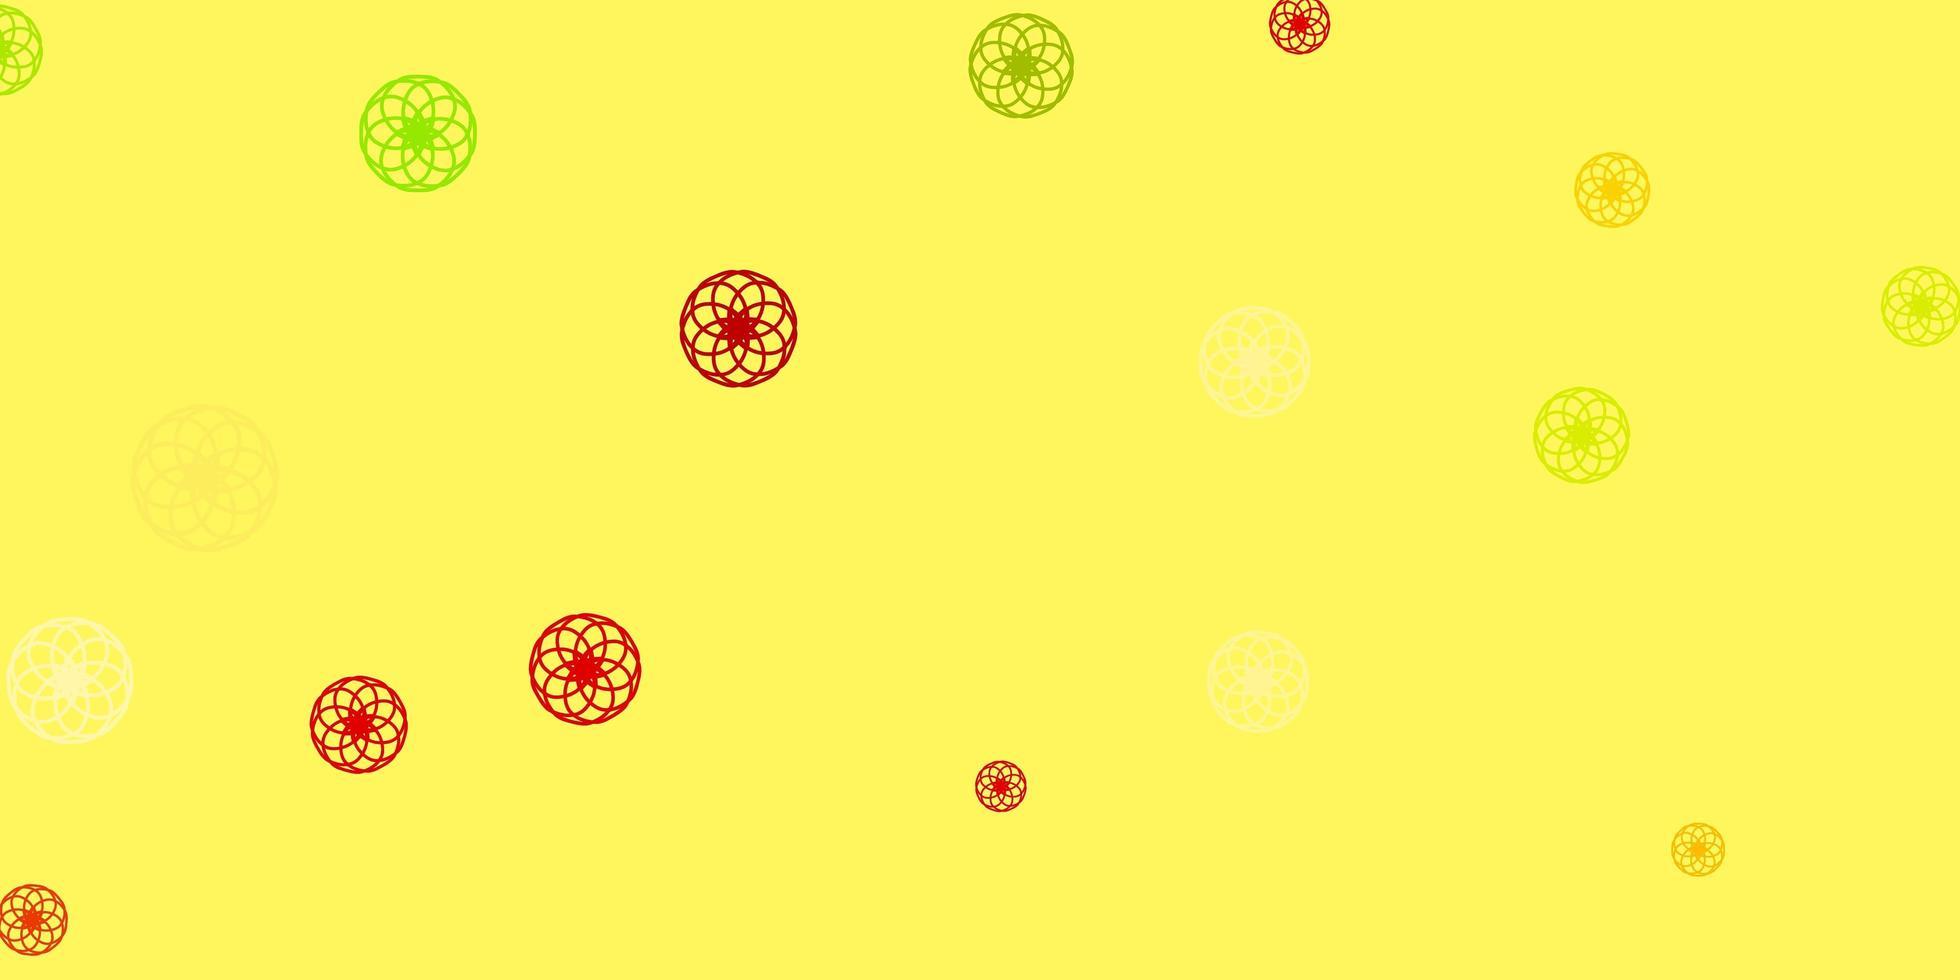 hellgrüner, roter Vektorhintergrund mit Blasen. vektor